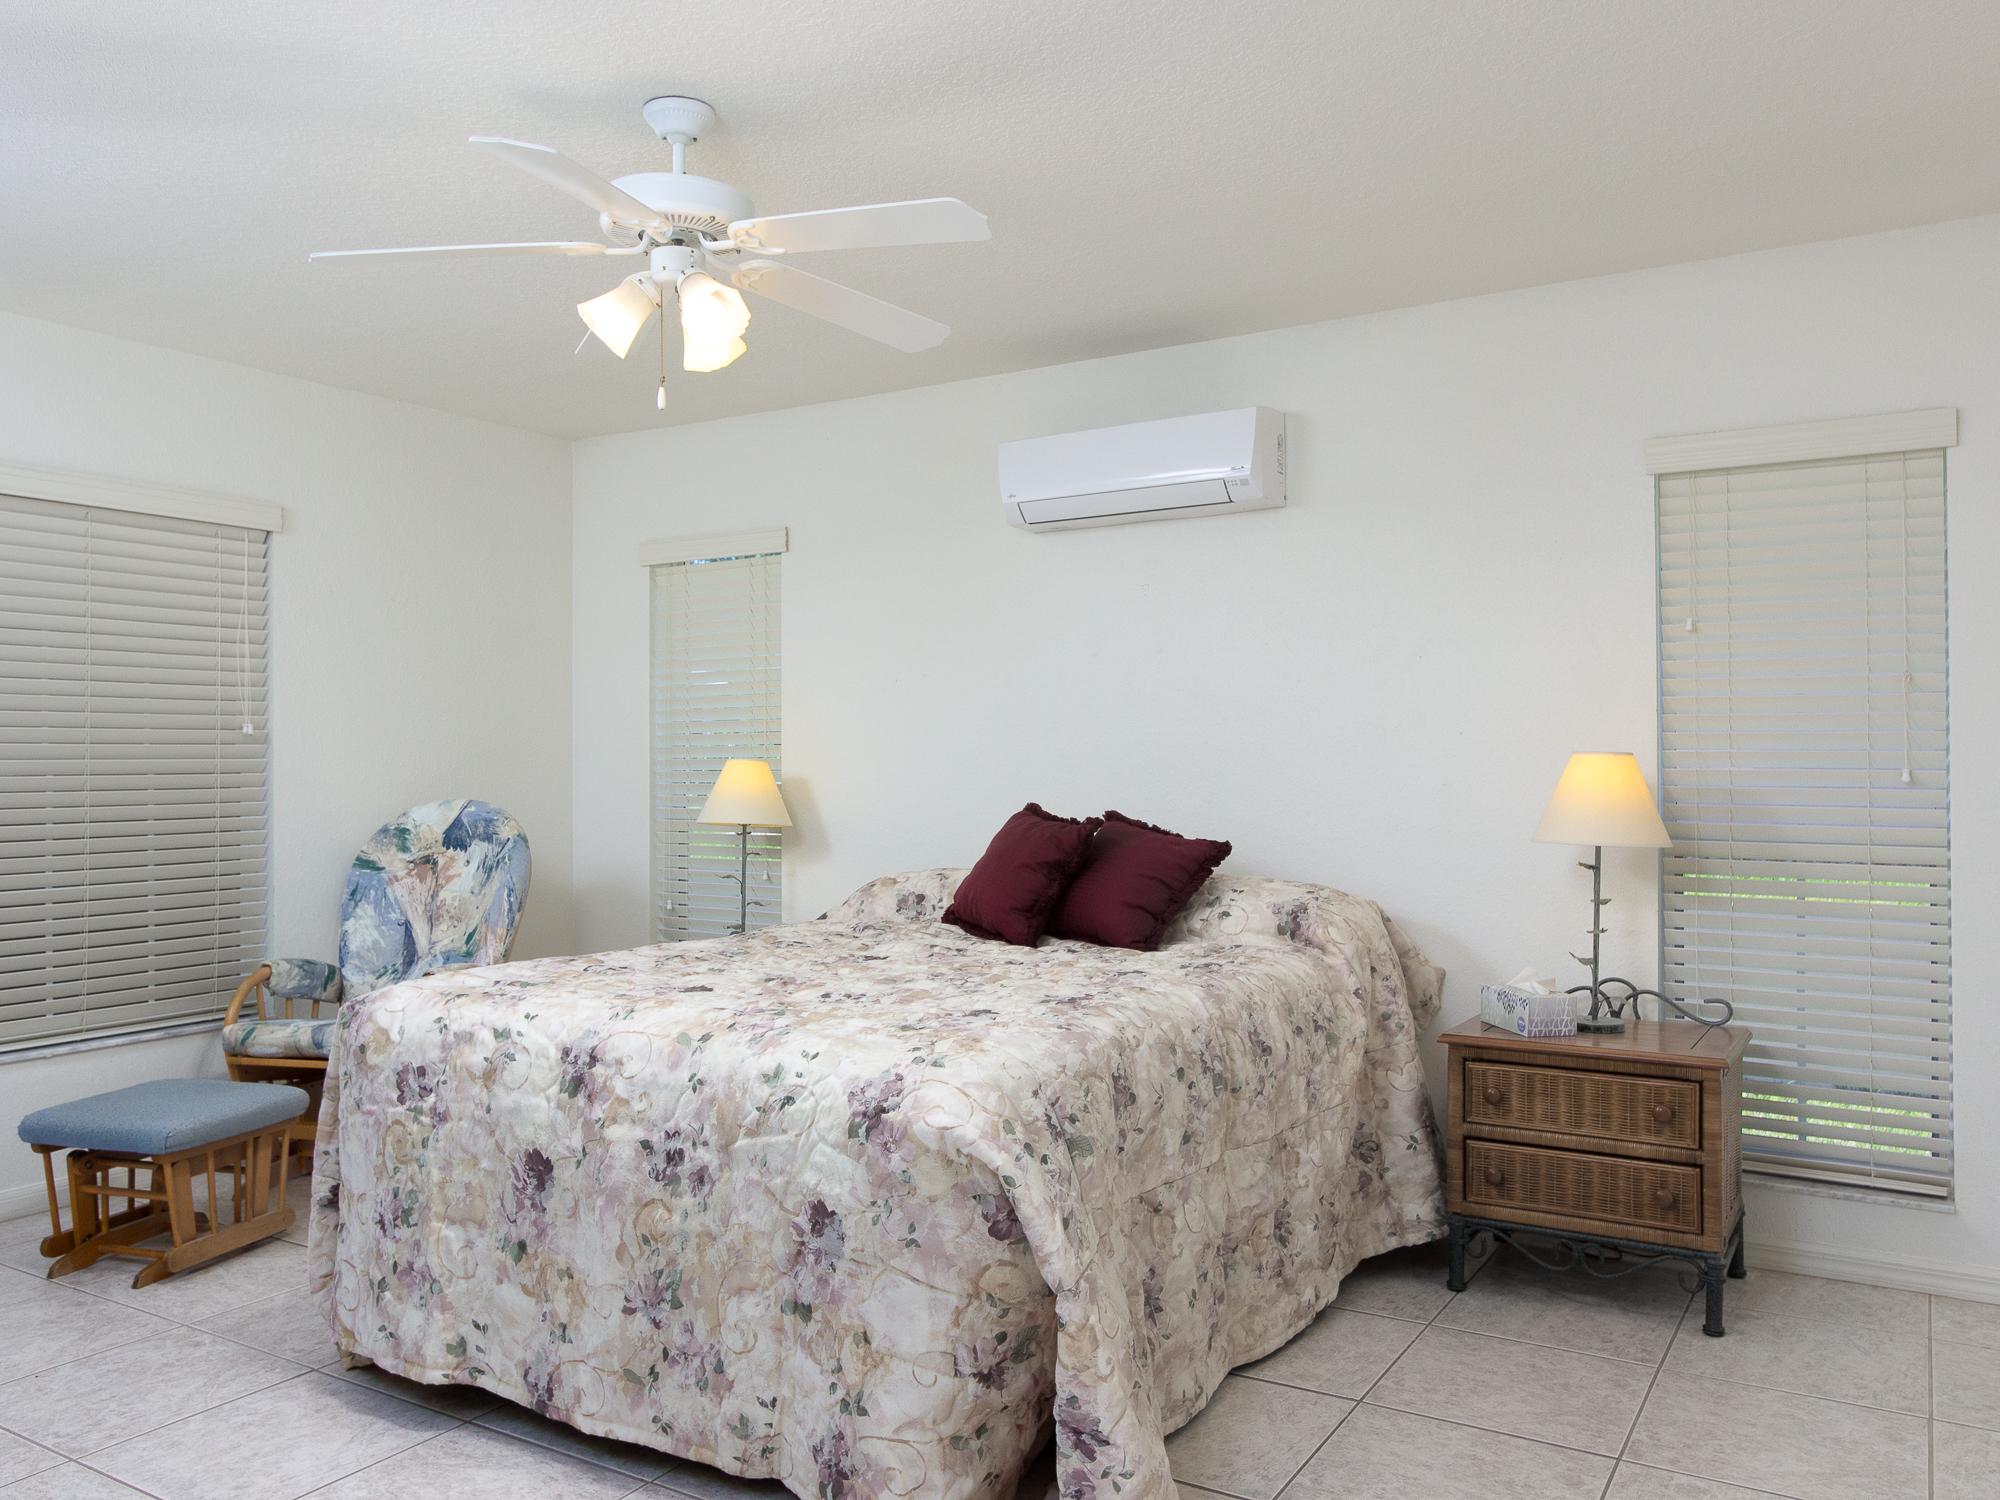 17431-SE-110th-Terrace-Summerfield-FL-34491-115-of-39